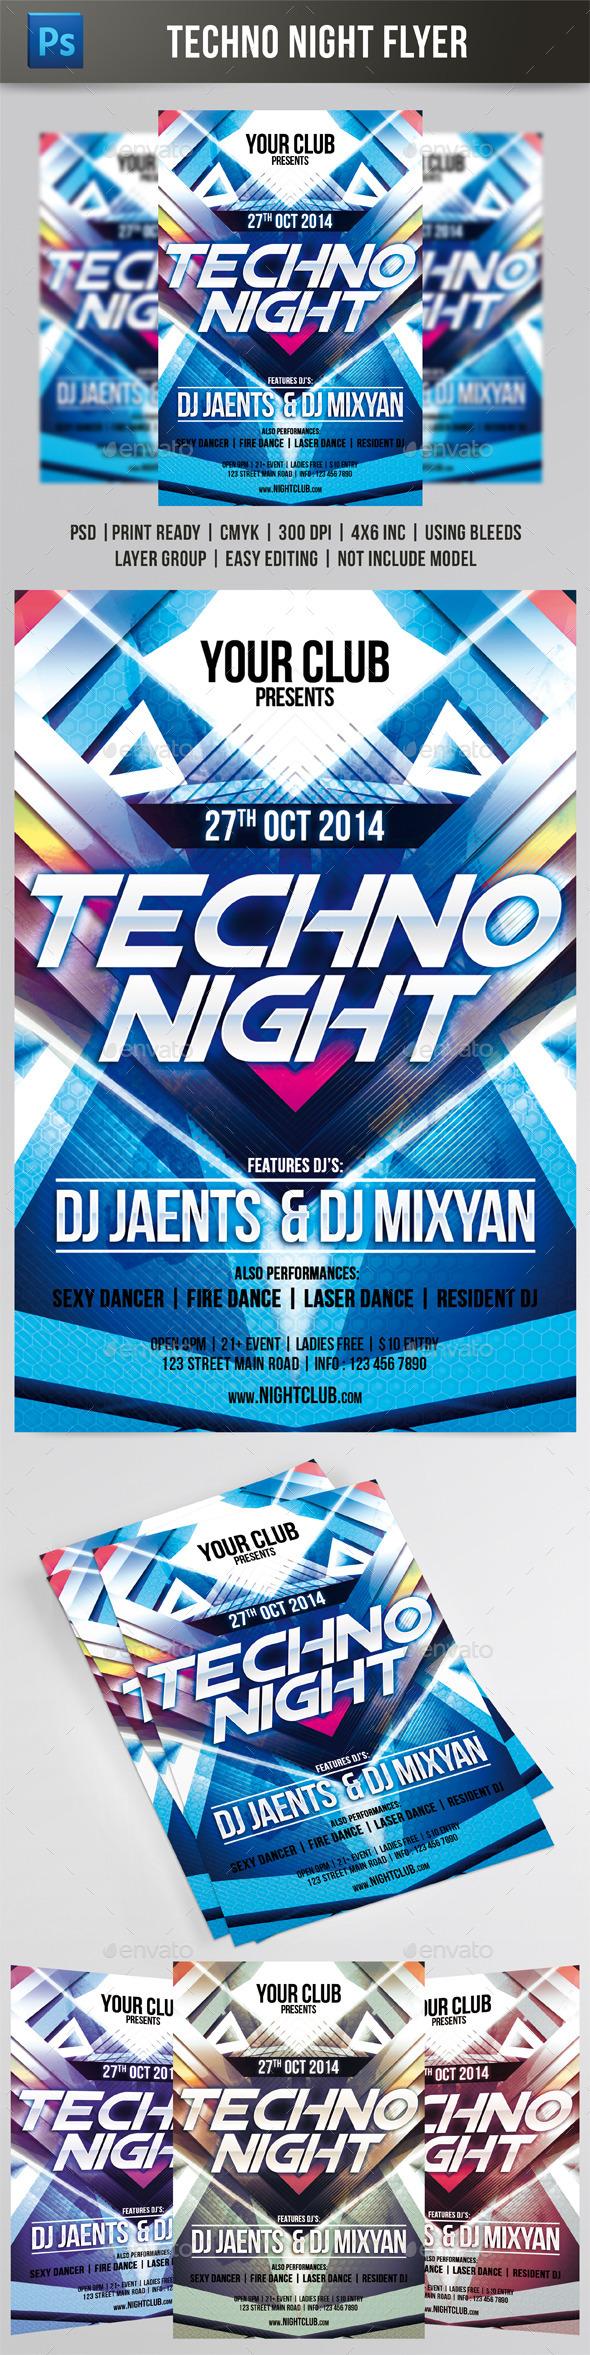 GraphicRiver Techno Night Flyer 8830297